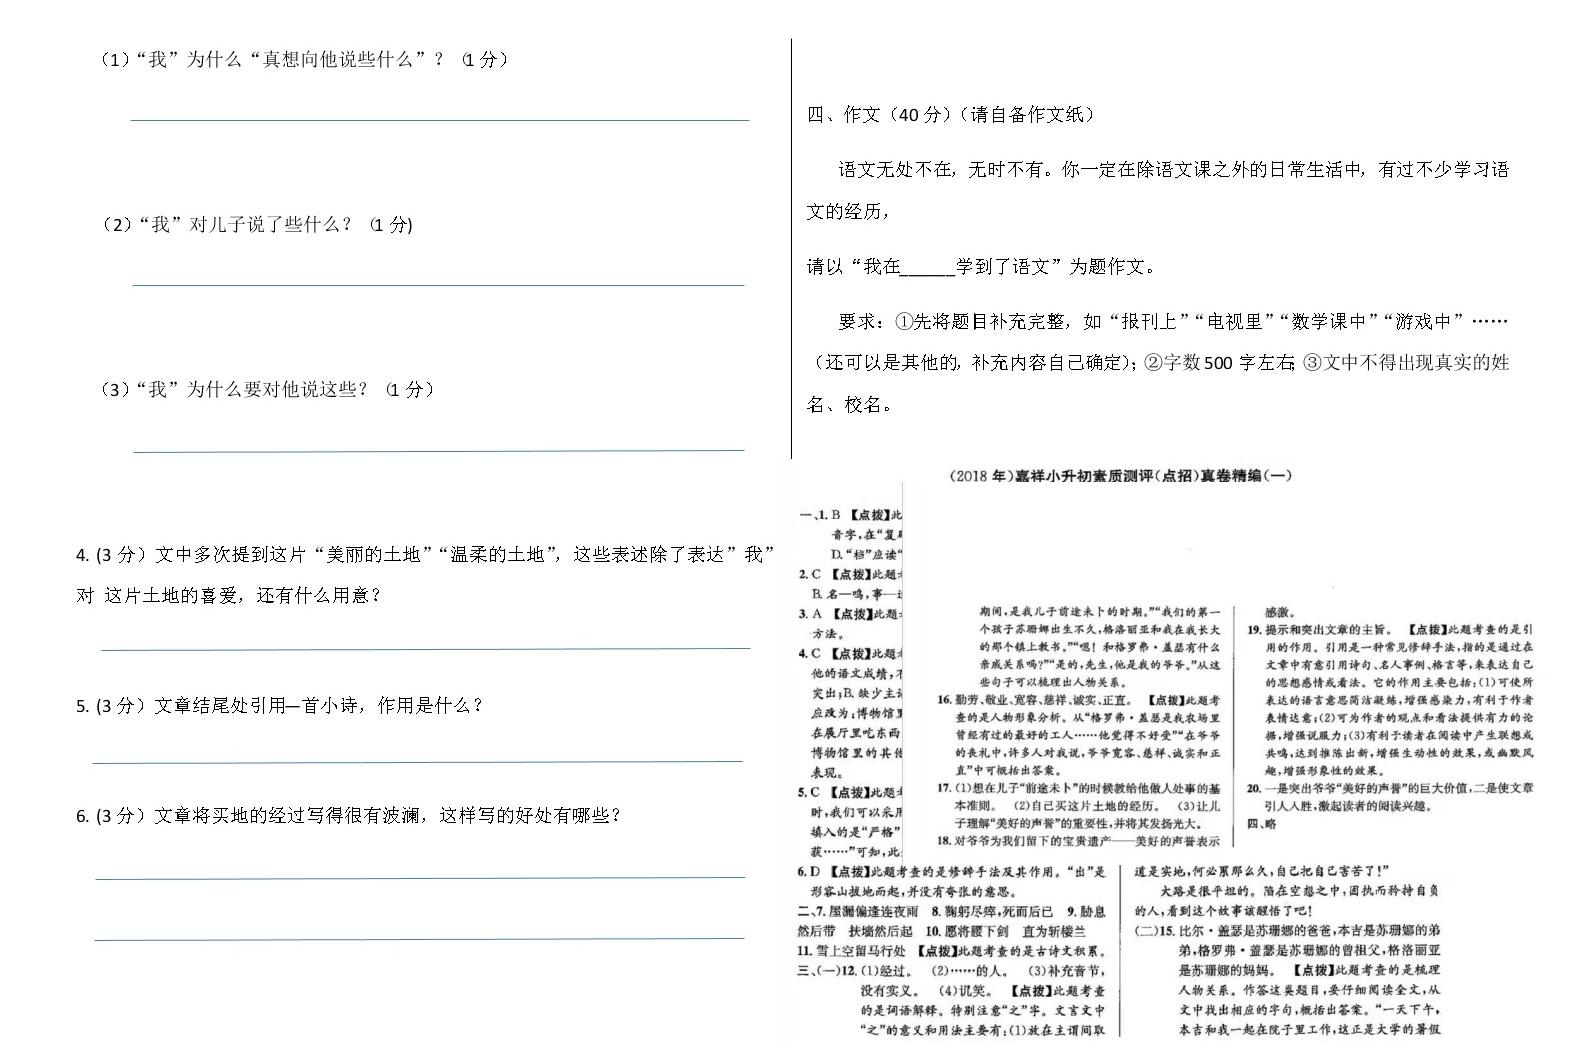 2019-2020年度六年级语文小升初全真模拟试卷 (四)(有答案)04